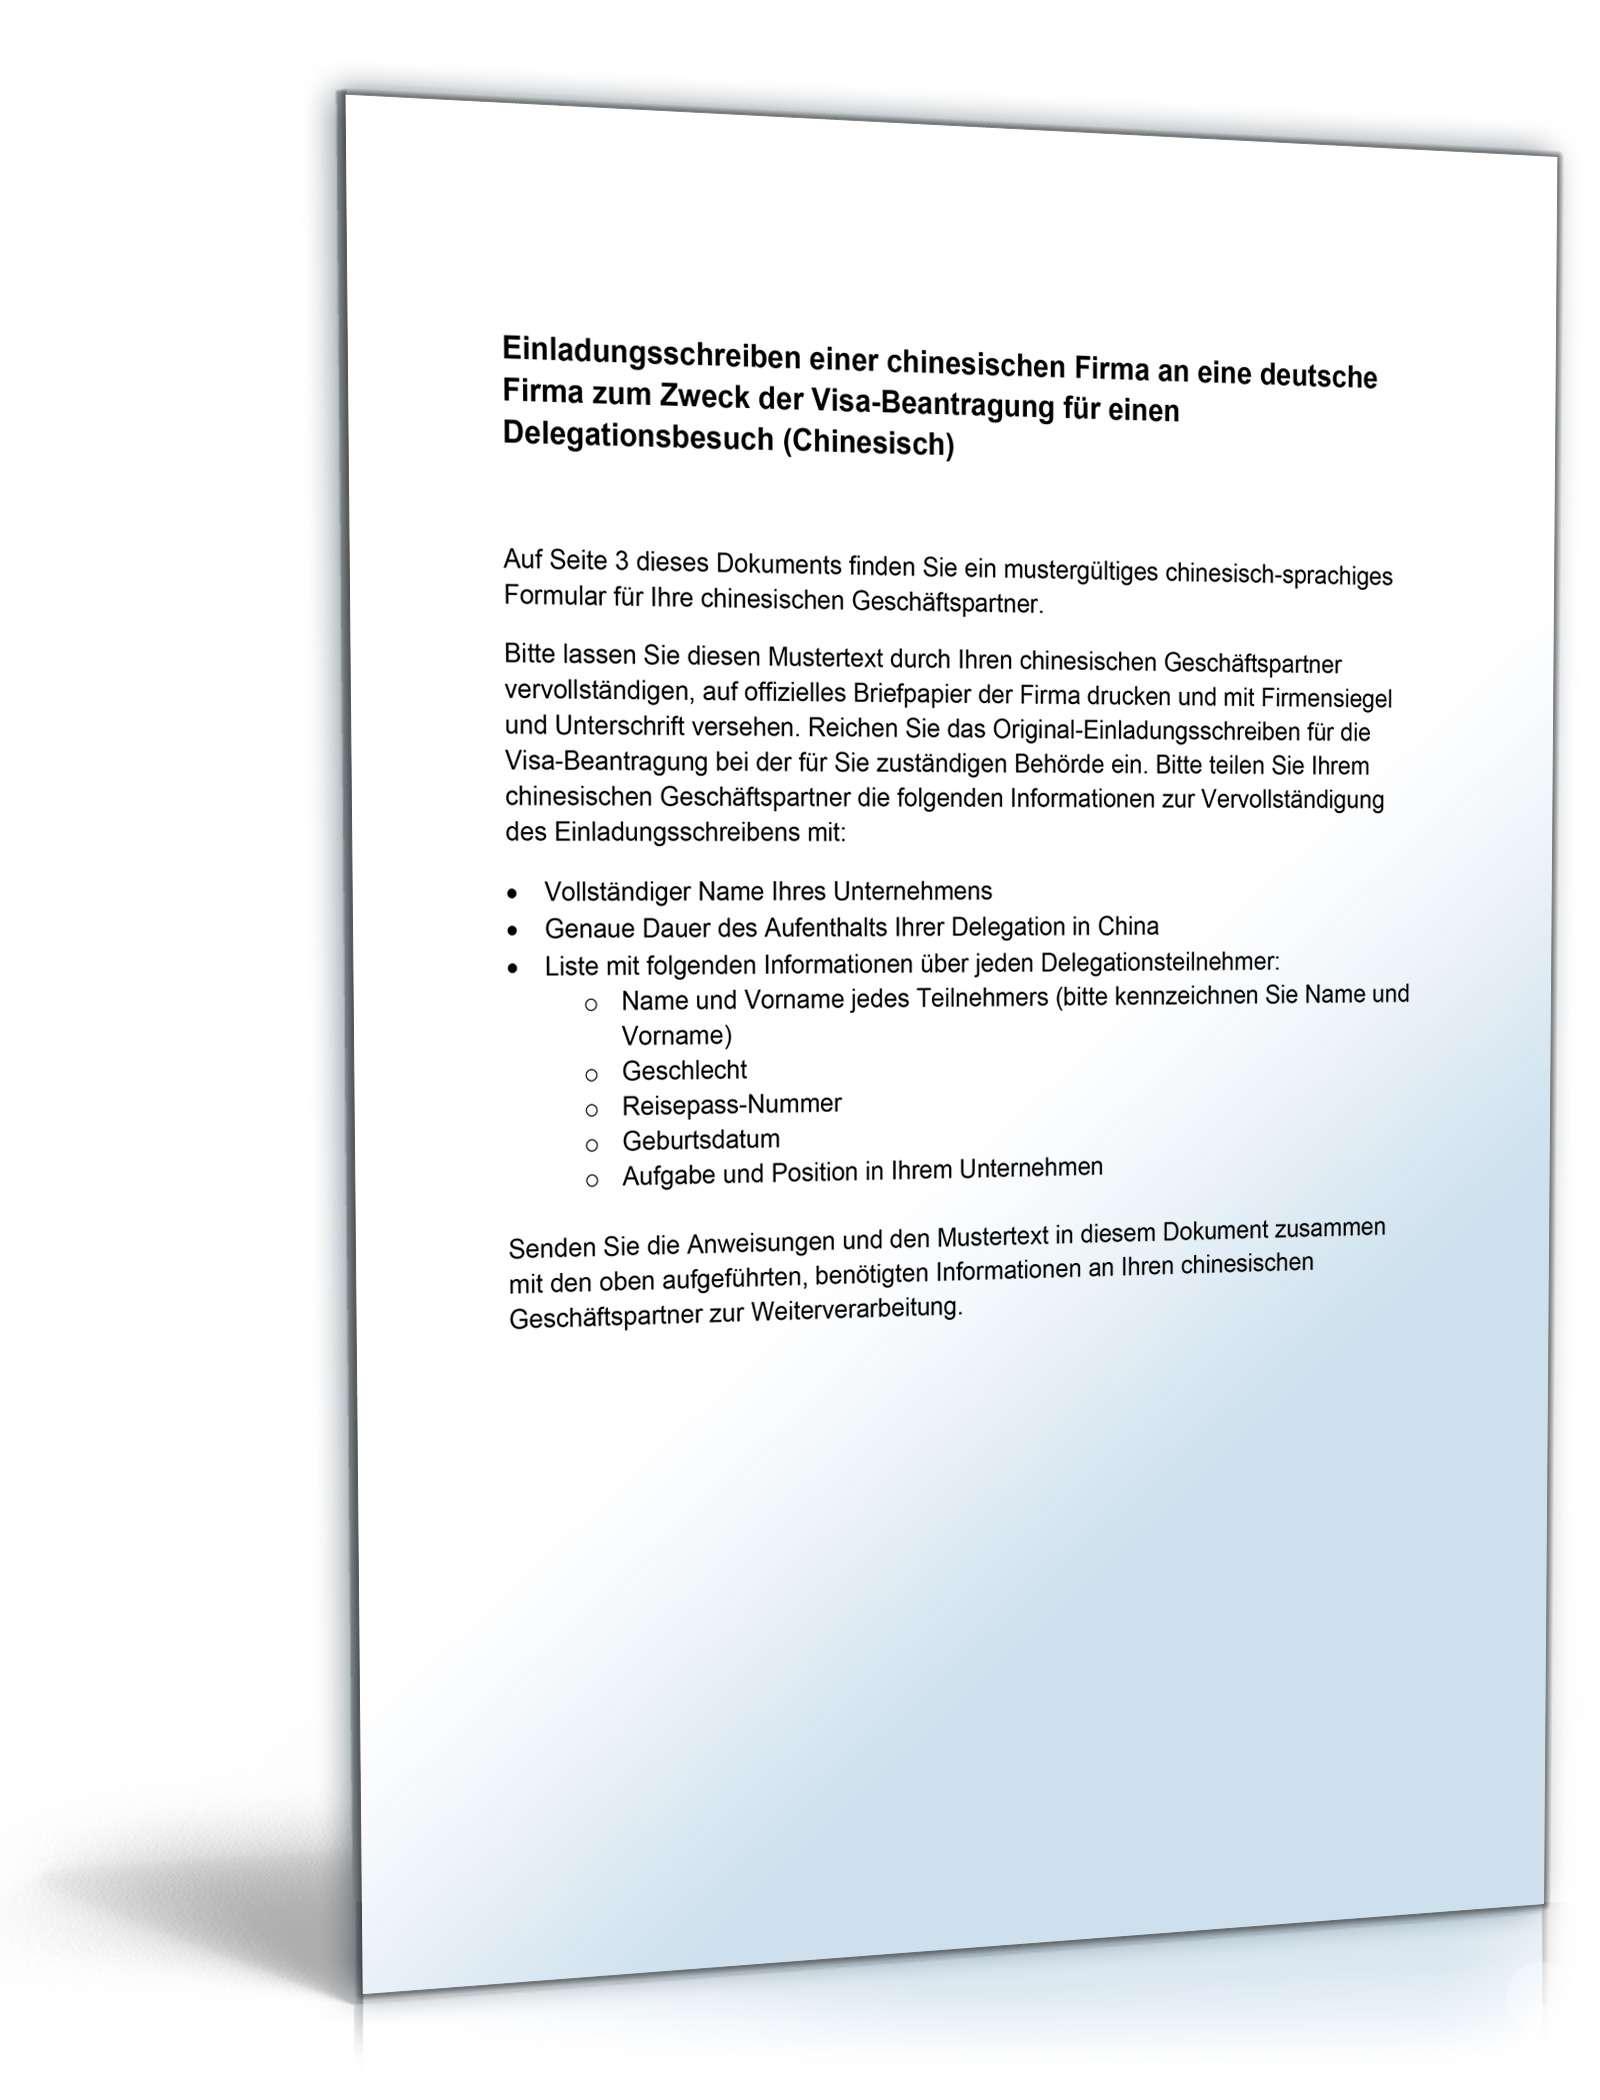 Musterbriefe Geschäftsbriefe : Einladungsschreiben einer chinesischen firma muster zum